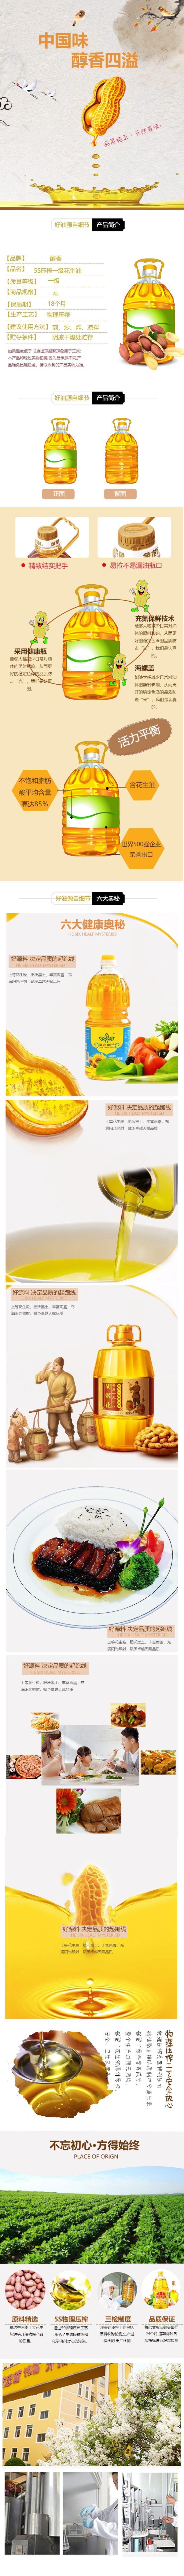 清新简约百货零售粮油副食花生油促销电商详情页